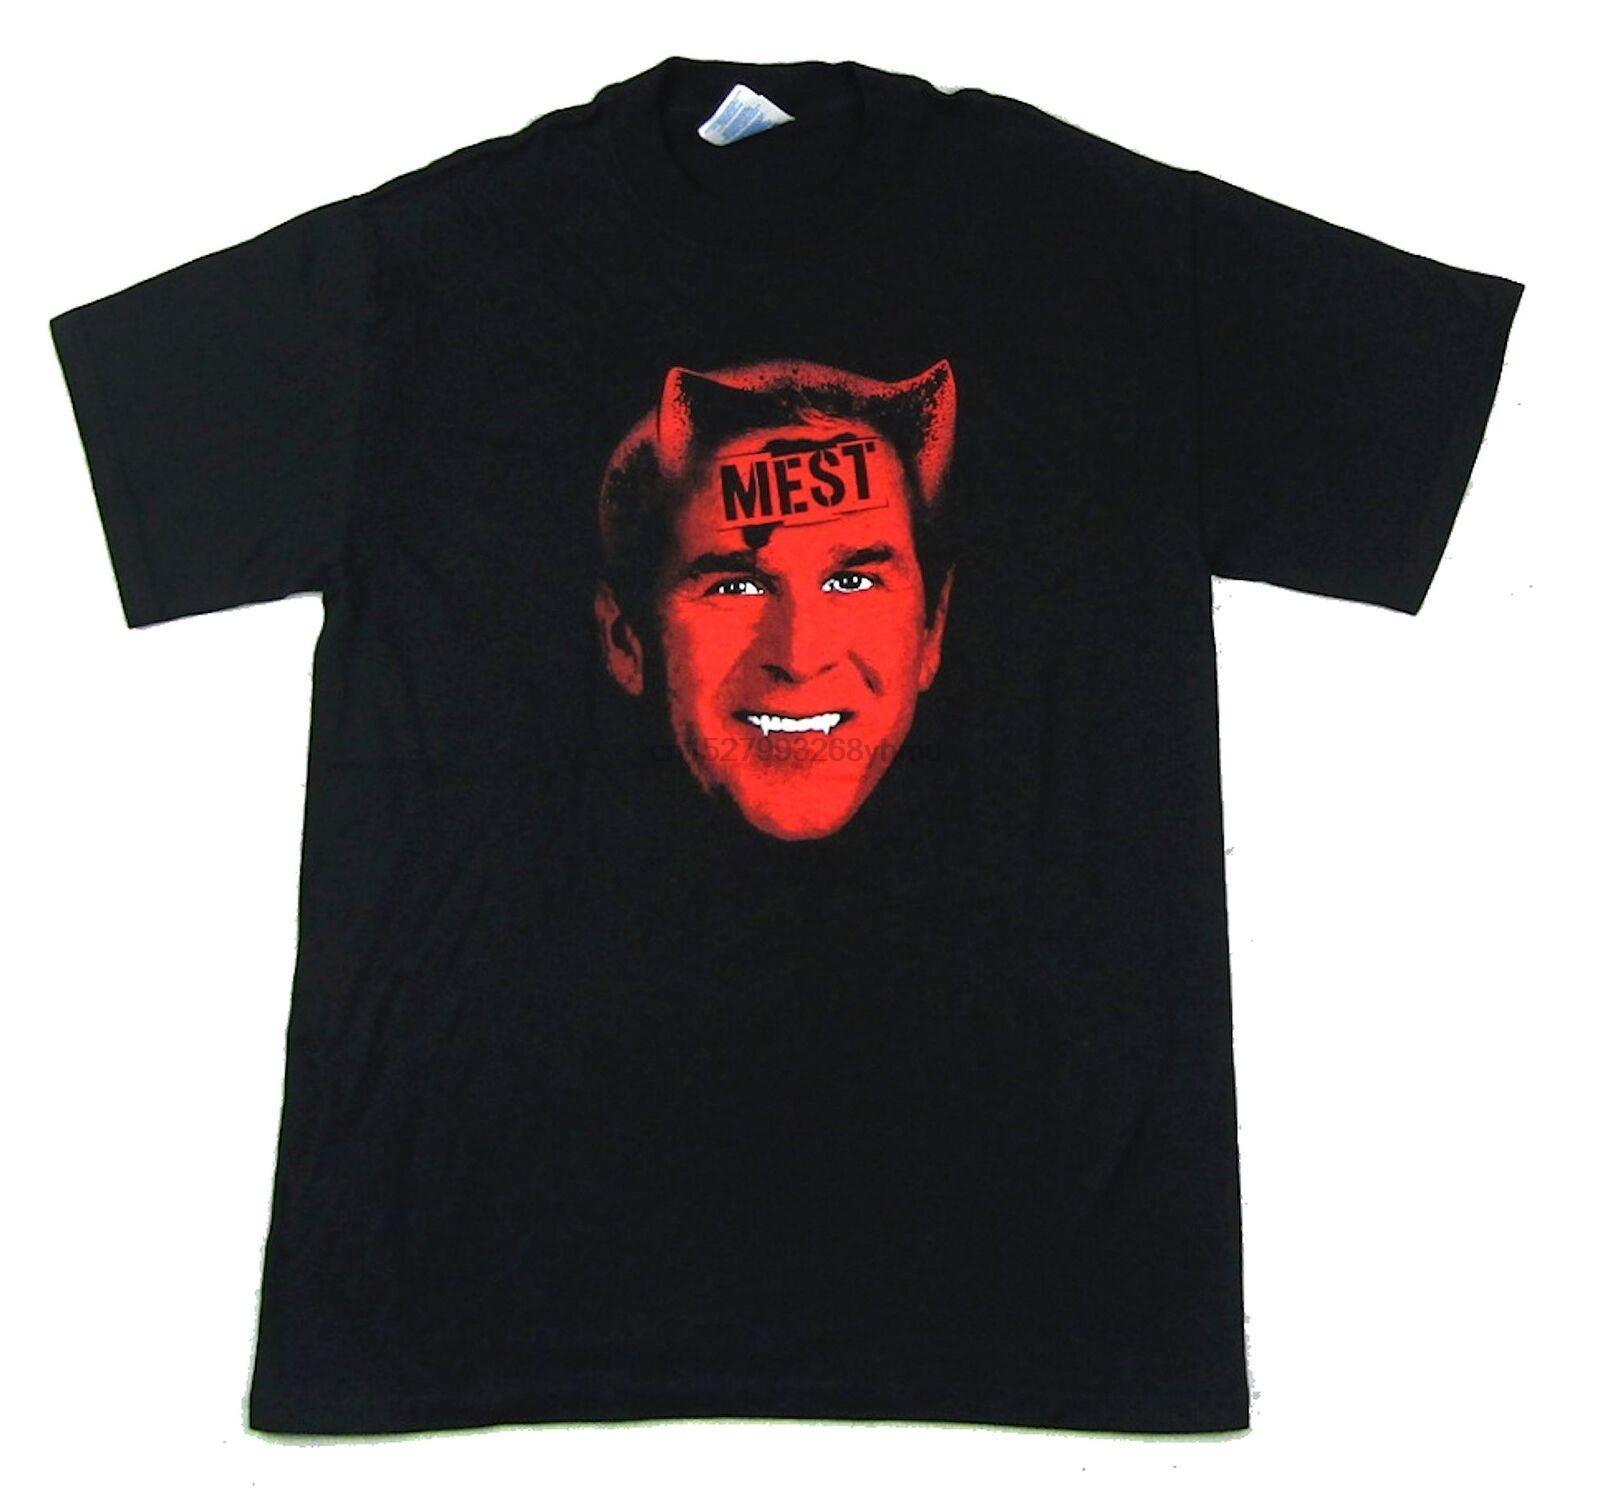 Mest Bush Şeytan Güz Seçim Turu 2004 Siyah Tişörtlü Yeni Resmi Bant Ürün Ek